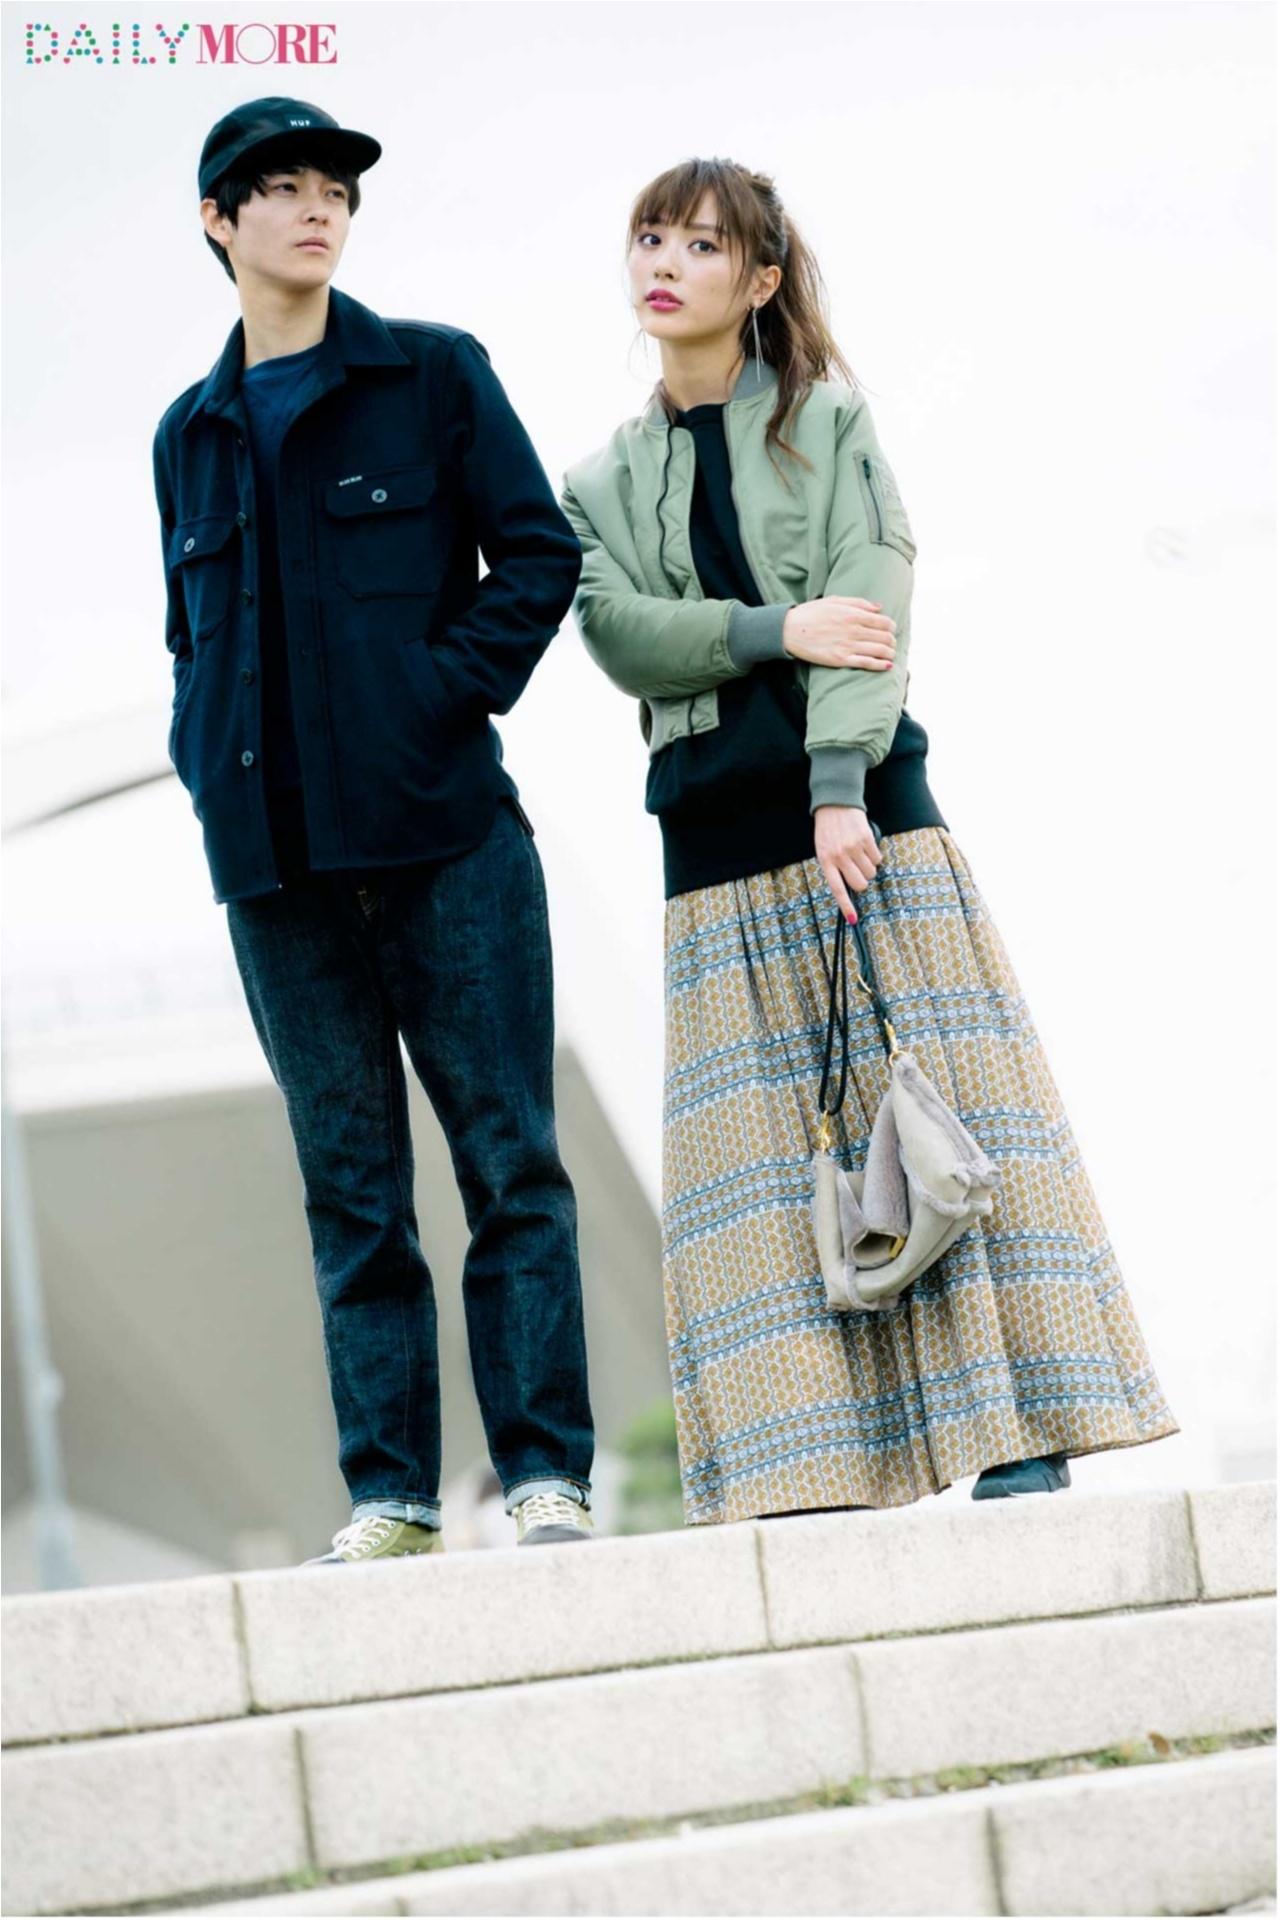 """""""雰囲気似てる服""""でより素敵カップルに♪『カップルコーデ』まとめ♡_1_5"""